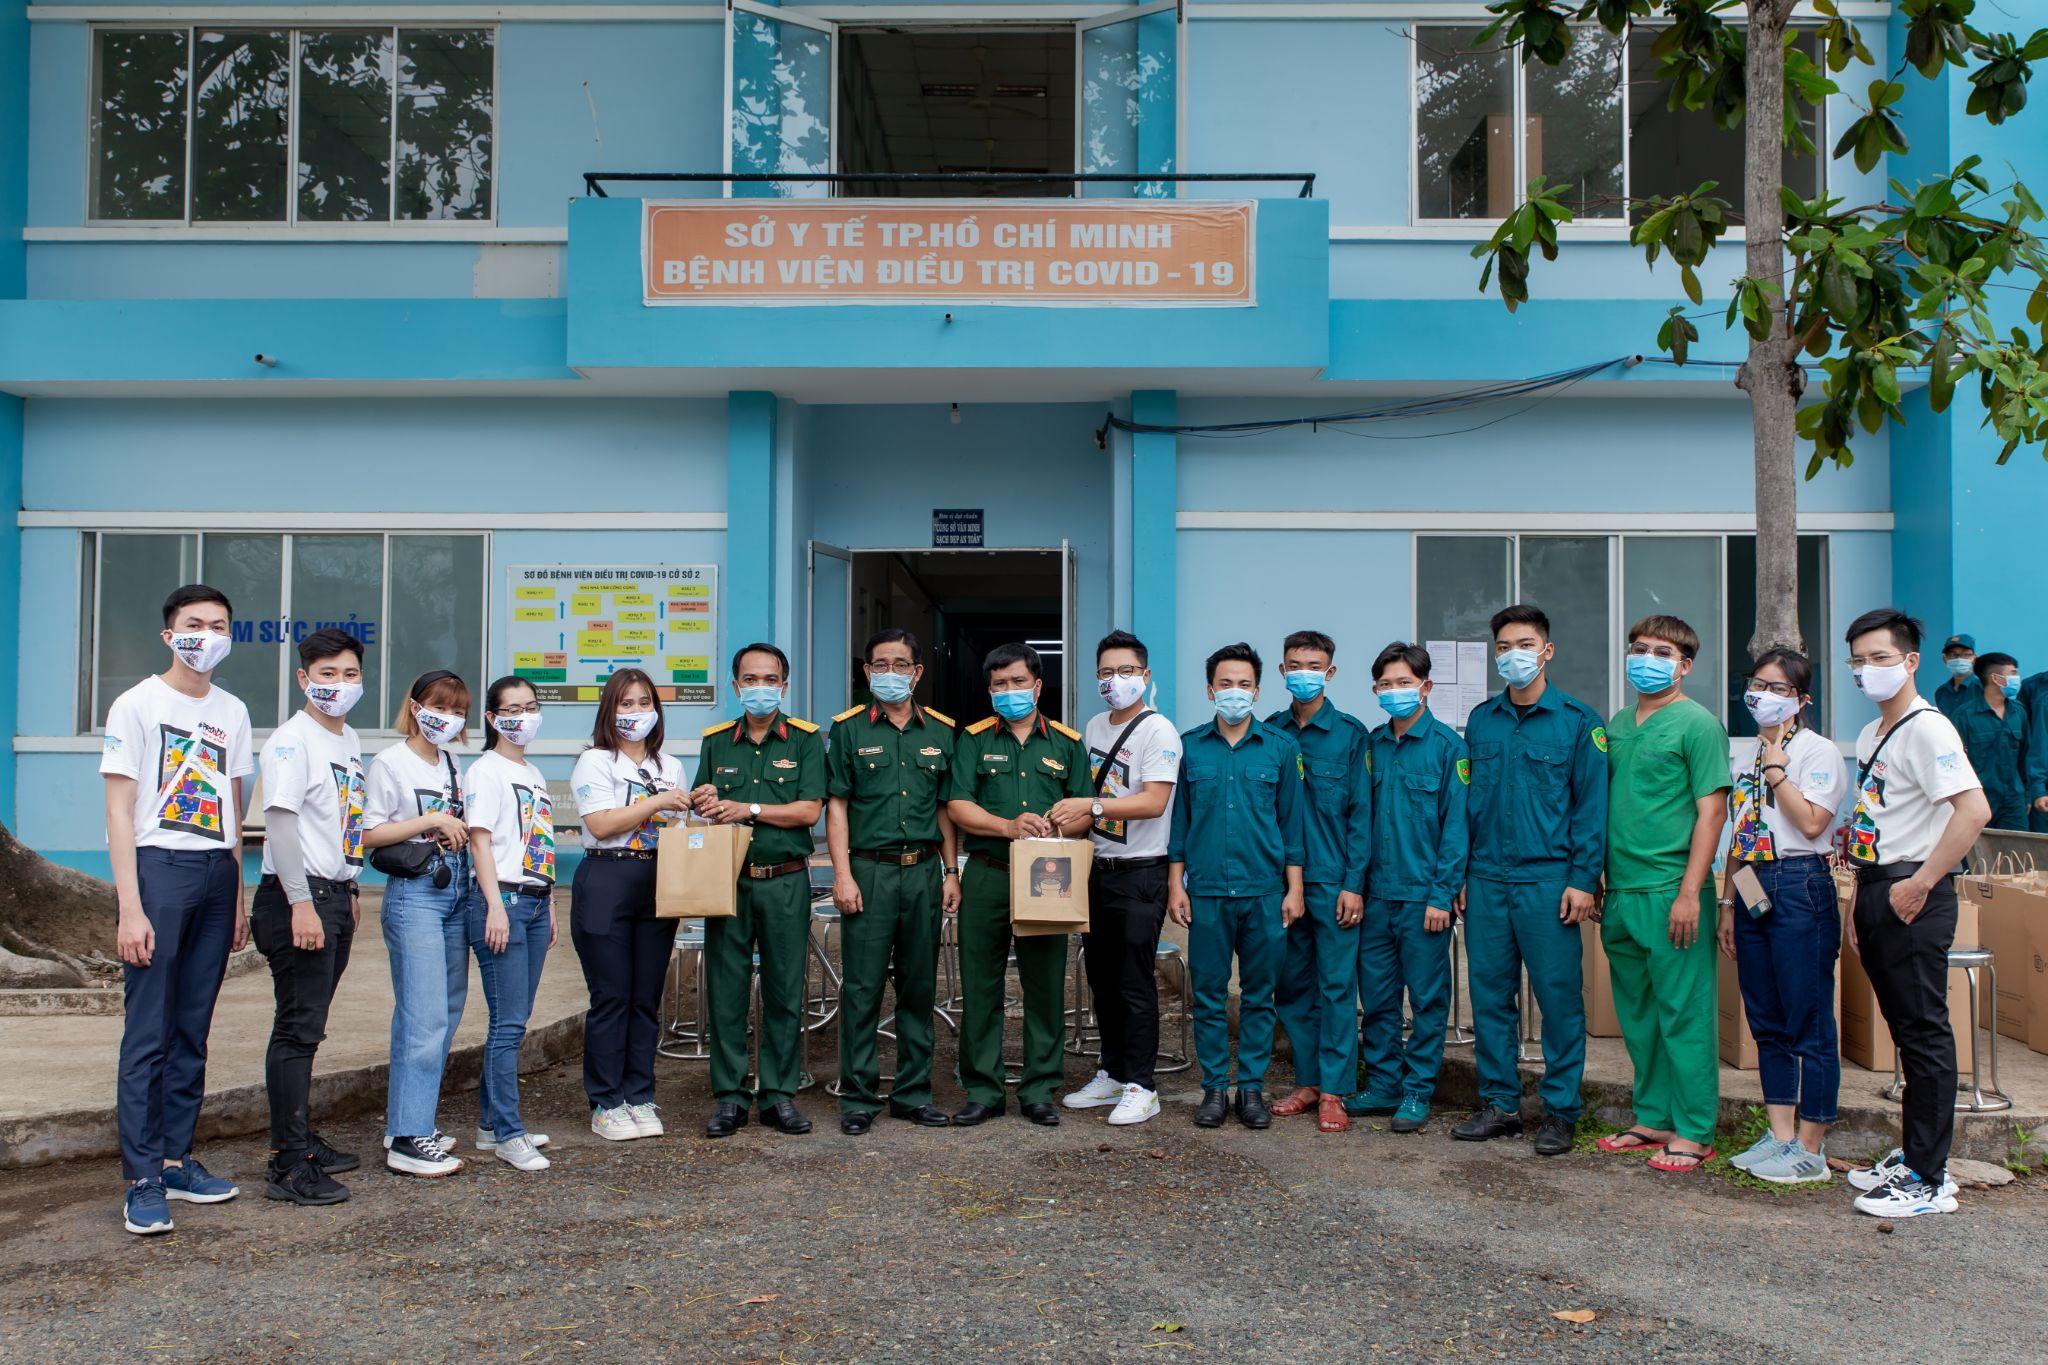 Chị Trần Hoàng Phú Xuân và Đại diện Faslink tặng 100 phần quà chokhu cách ly Nhà Bè.